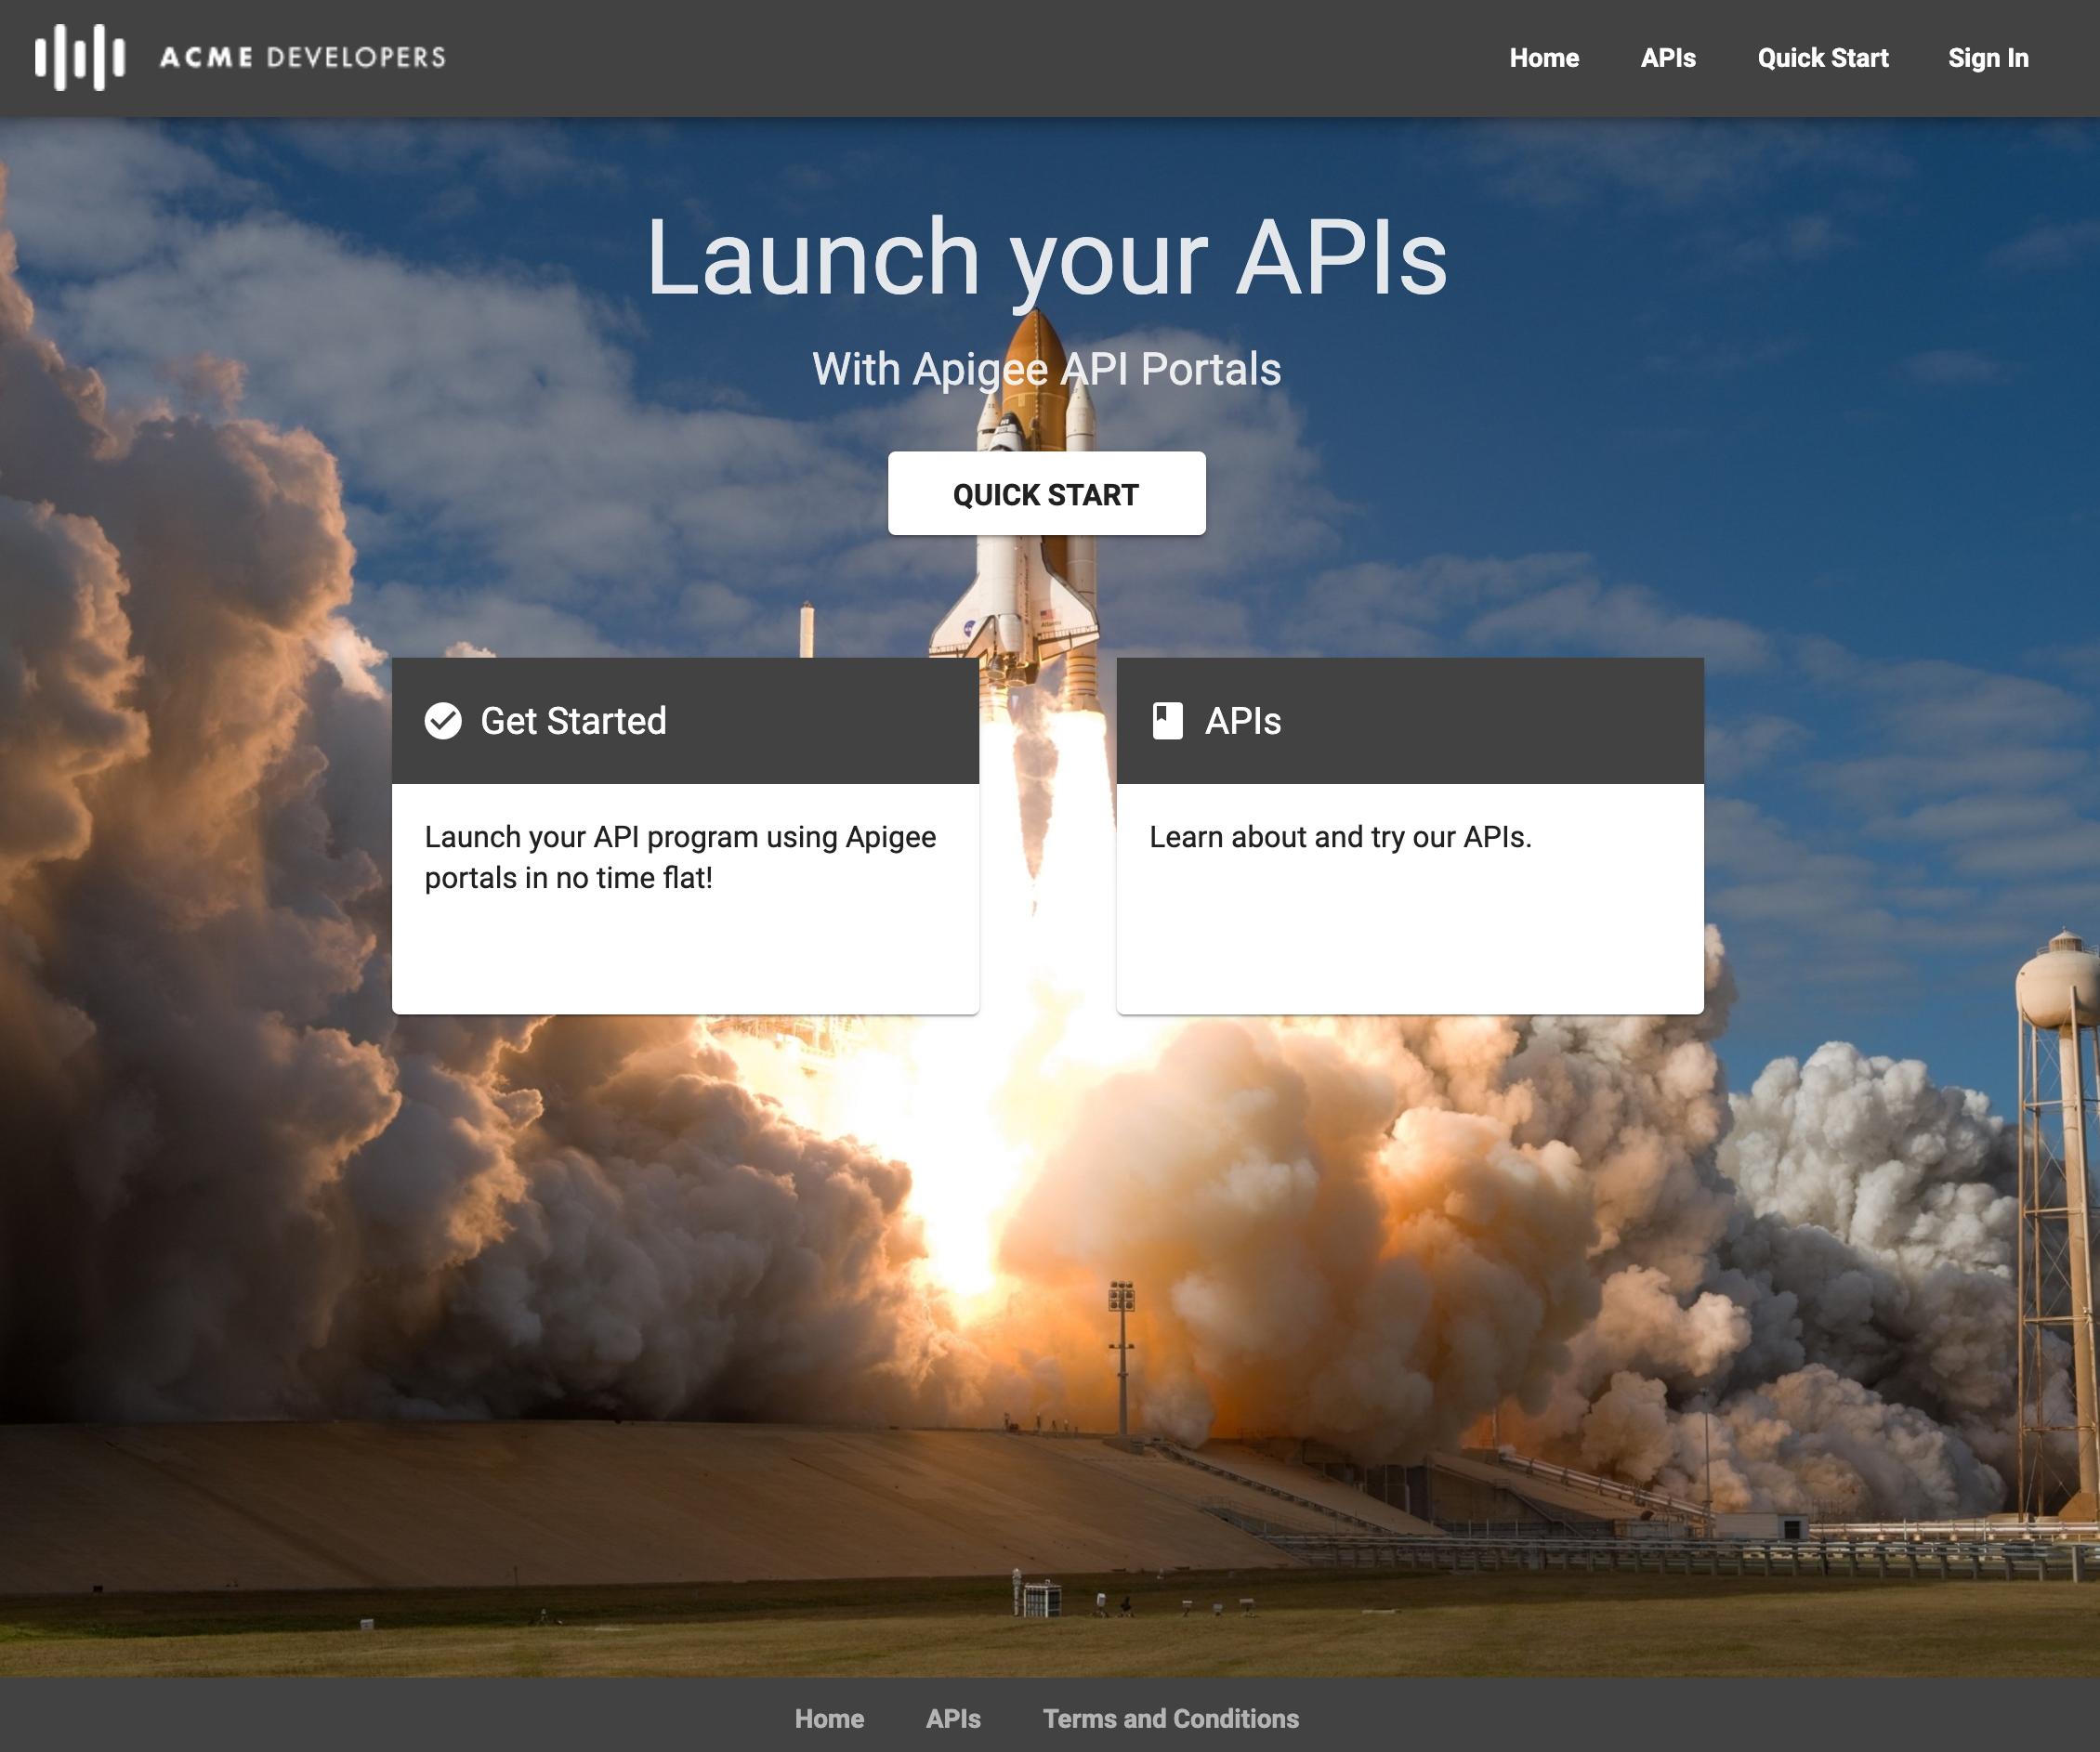 빠른 시작, 시작하기, API 등으로 라벨링된 링크가 포함된 기본 통합 포털 페이지